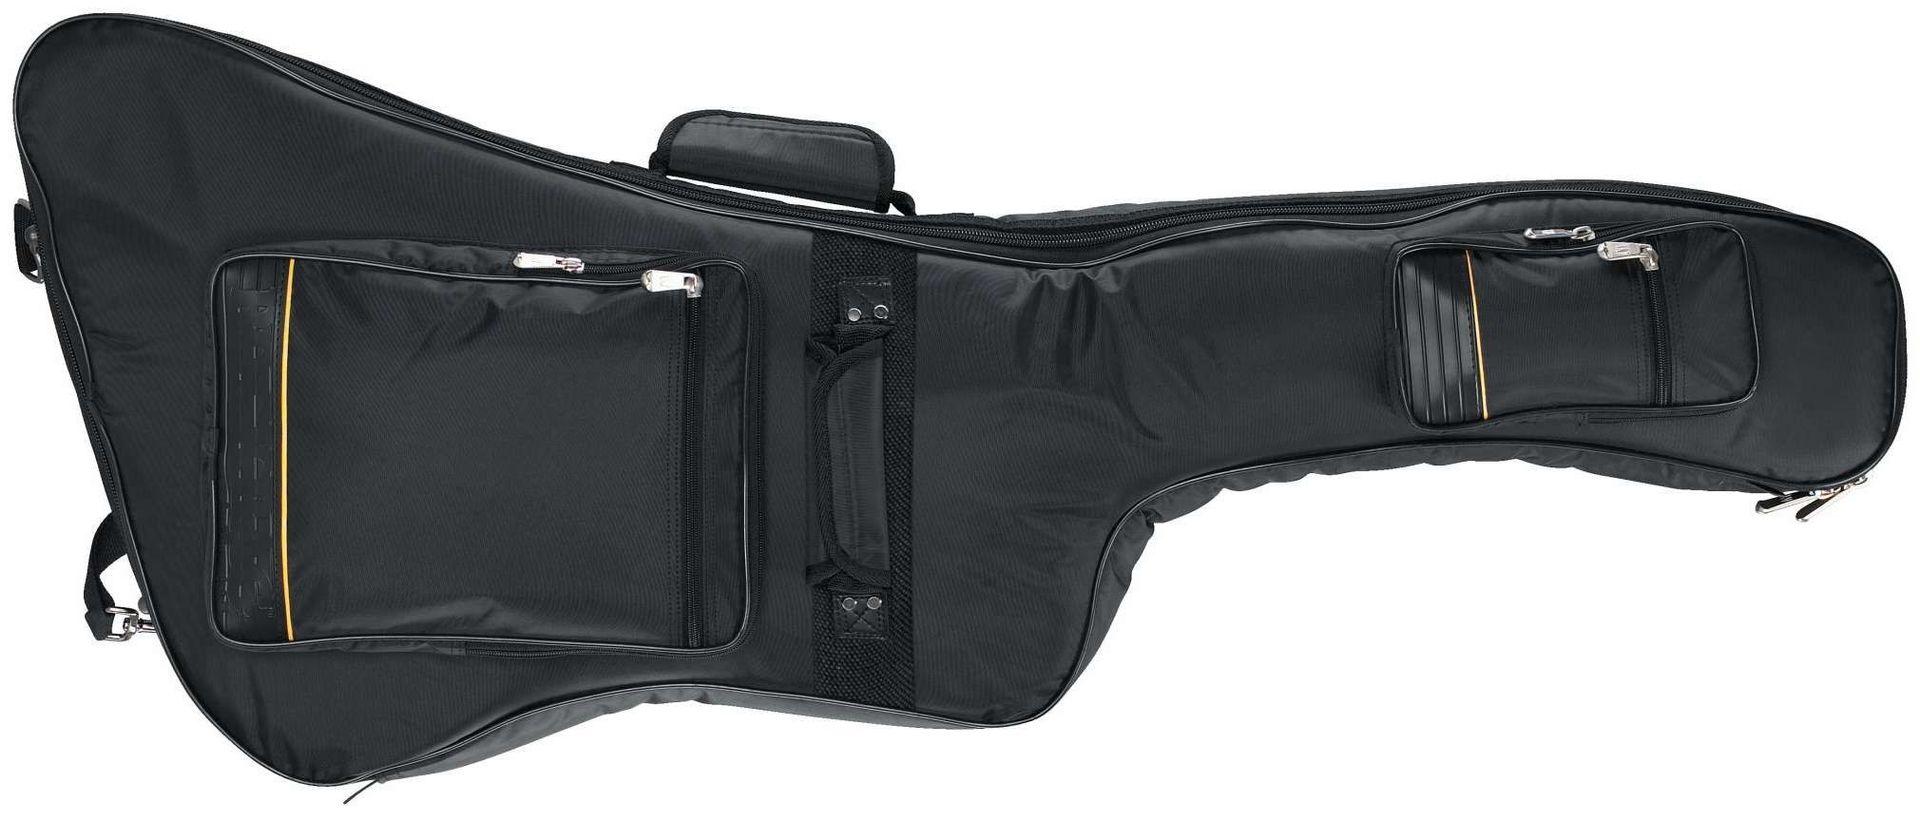 Rockbag 20620 Gigbag für E-Gitarre EX-Form, E-Gitarrentasche mit 35mm Polsterung